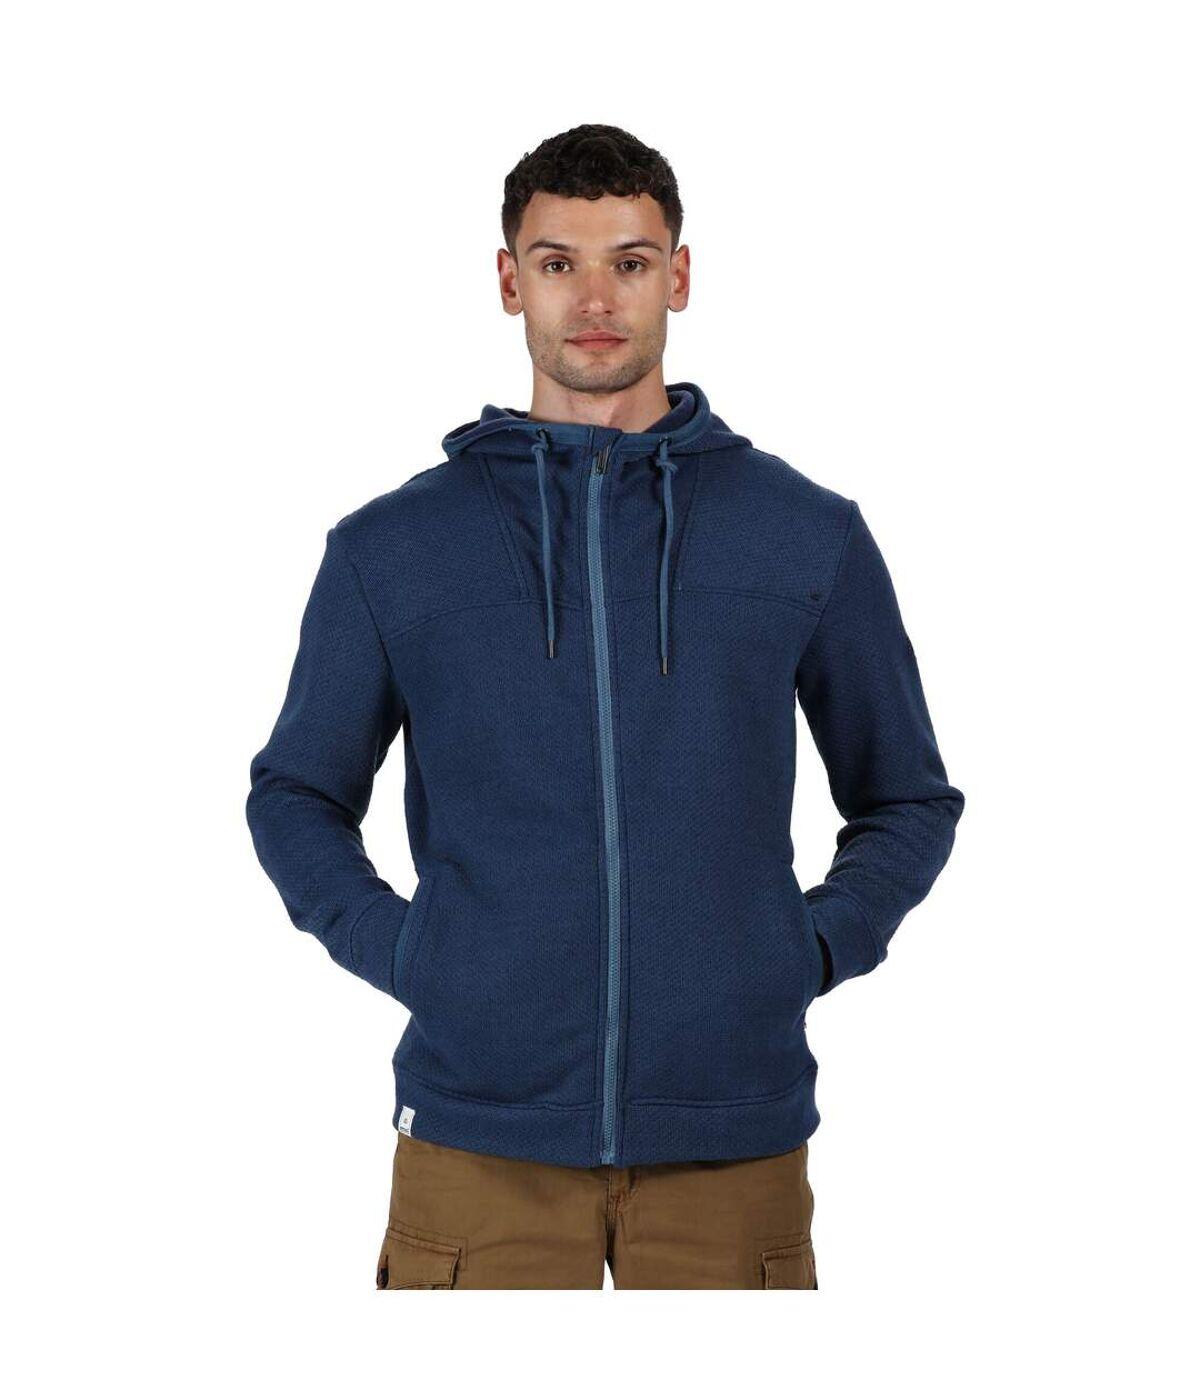 Regatta - Veste polaire à capuche LASZLO - Homme (Bleu marine) - UTRG4912